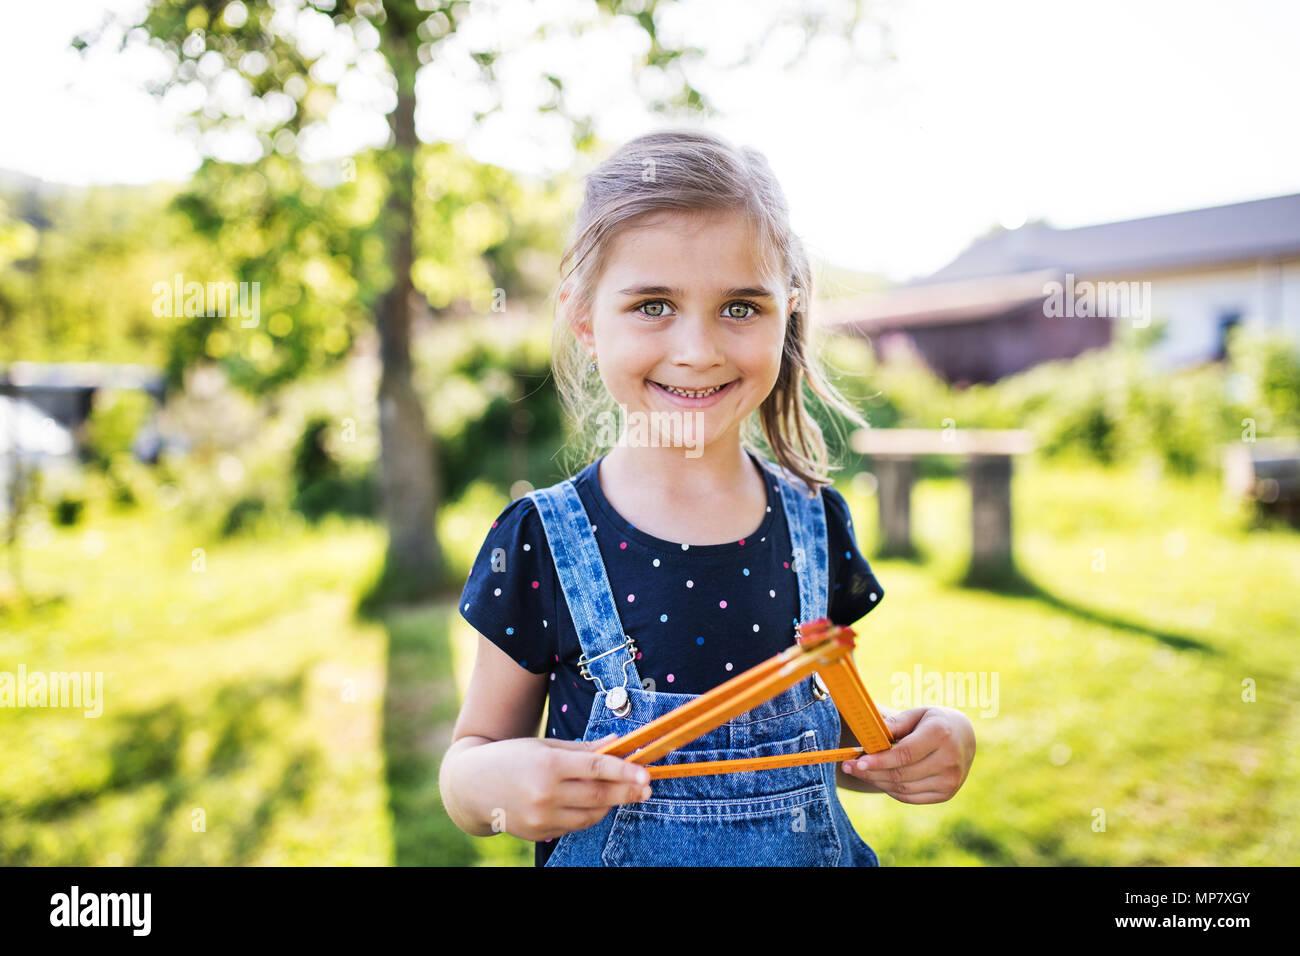 Un ritratto di una piccola ragazza in giardino in primavera la natura. Immagini Stock